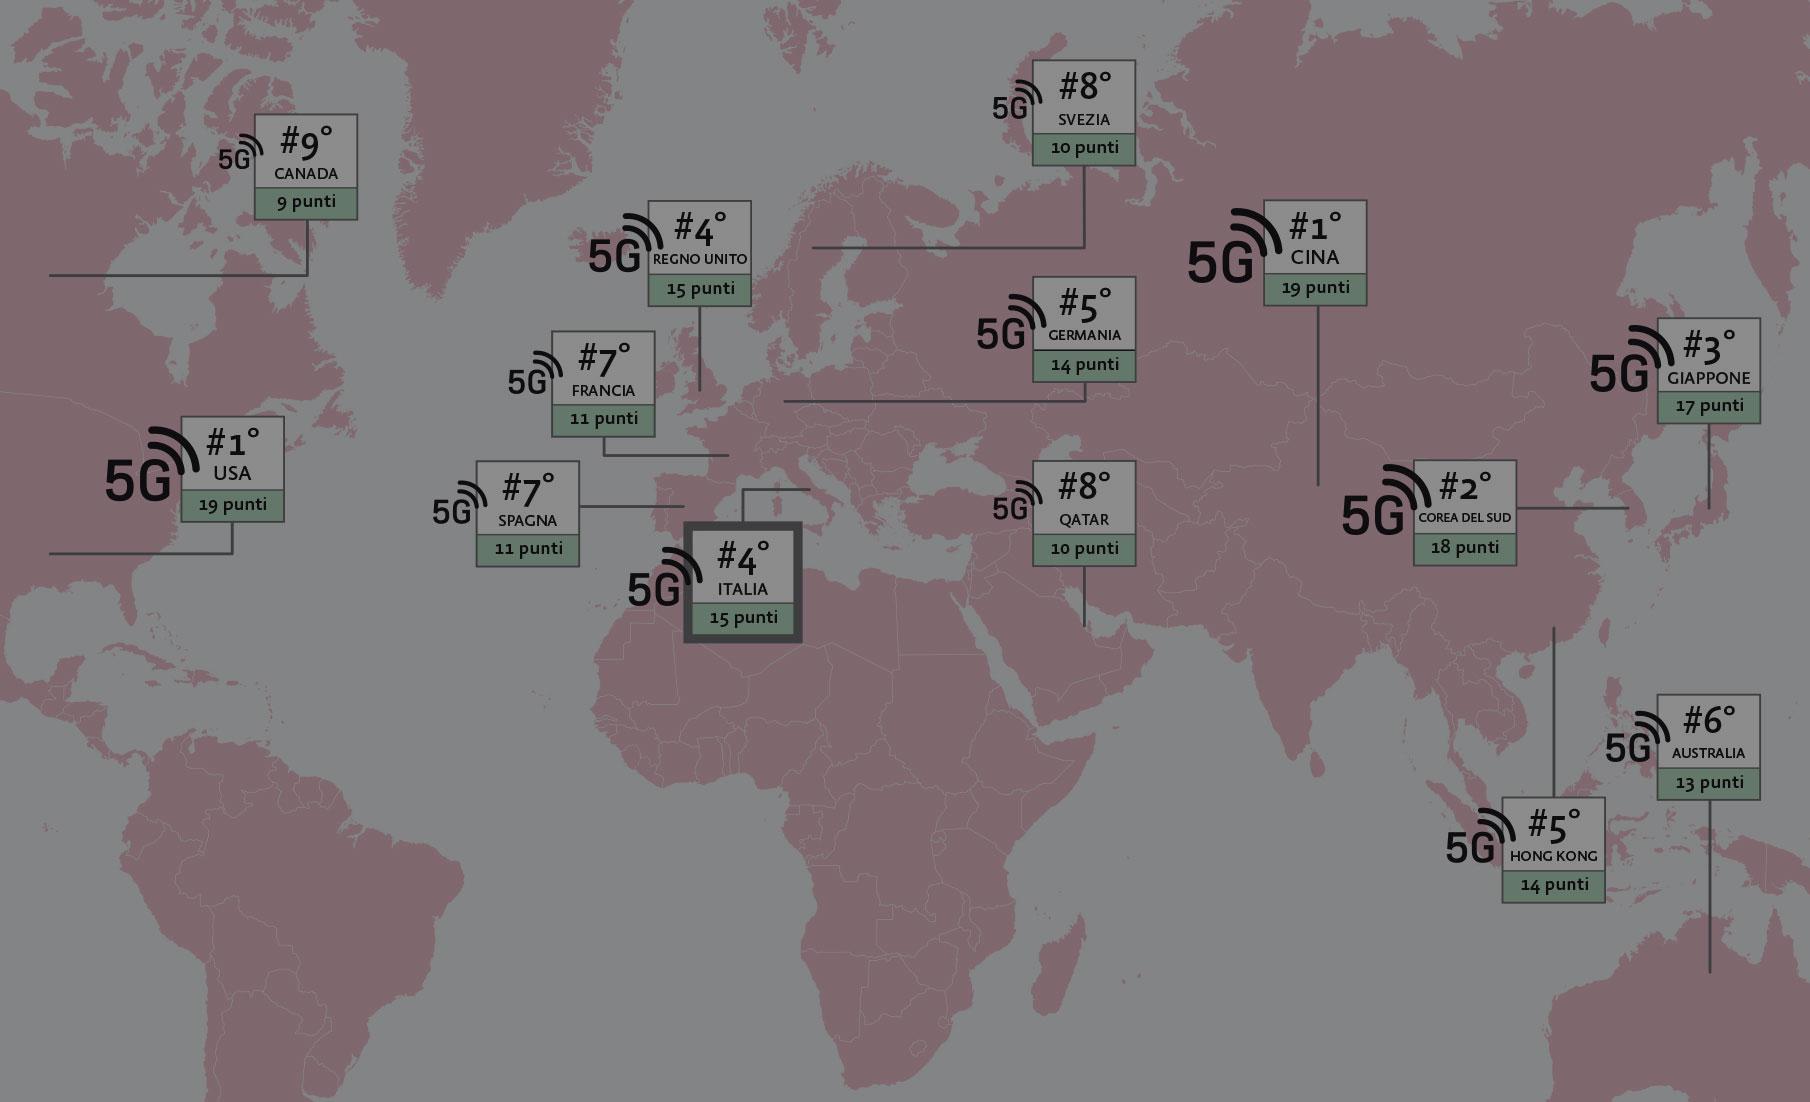 Diffusione 5G: l'Italia tra le Nazioni con il primato per sperimentazioni e realizzazioni.